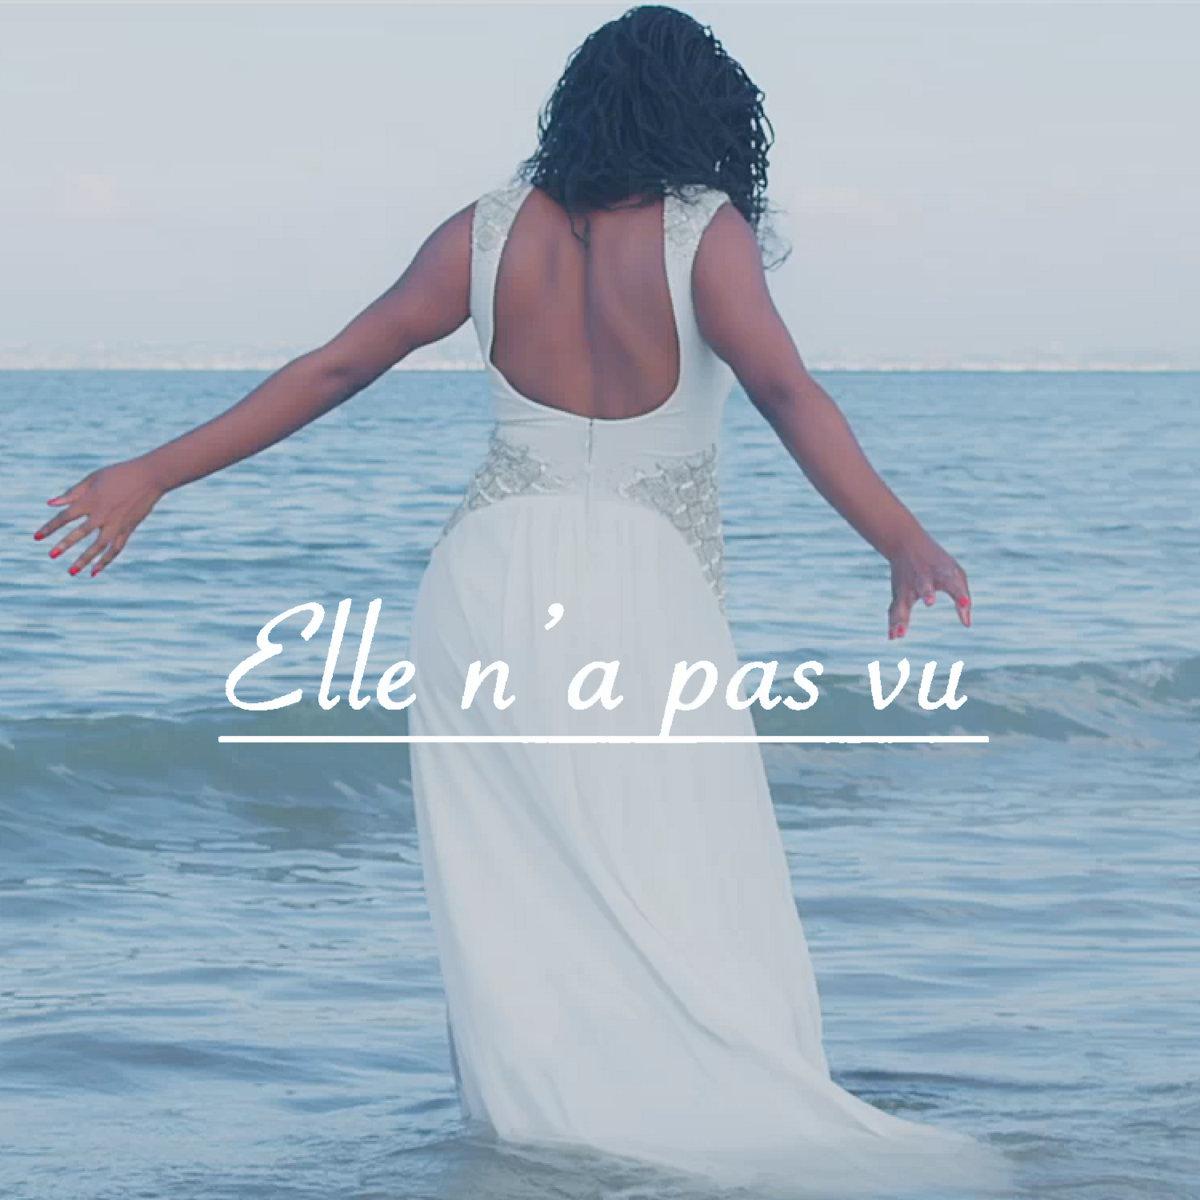 GRATUITEMENT ALBUM DIPANDA TÉLÉCHARGER CHARLOTTE